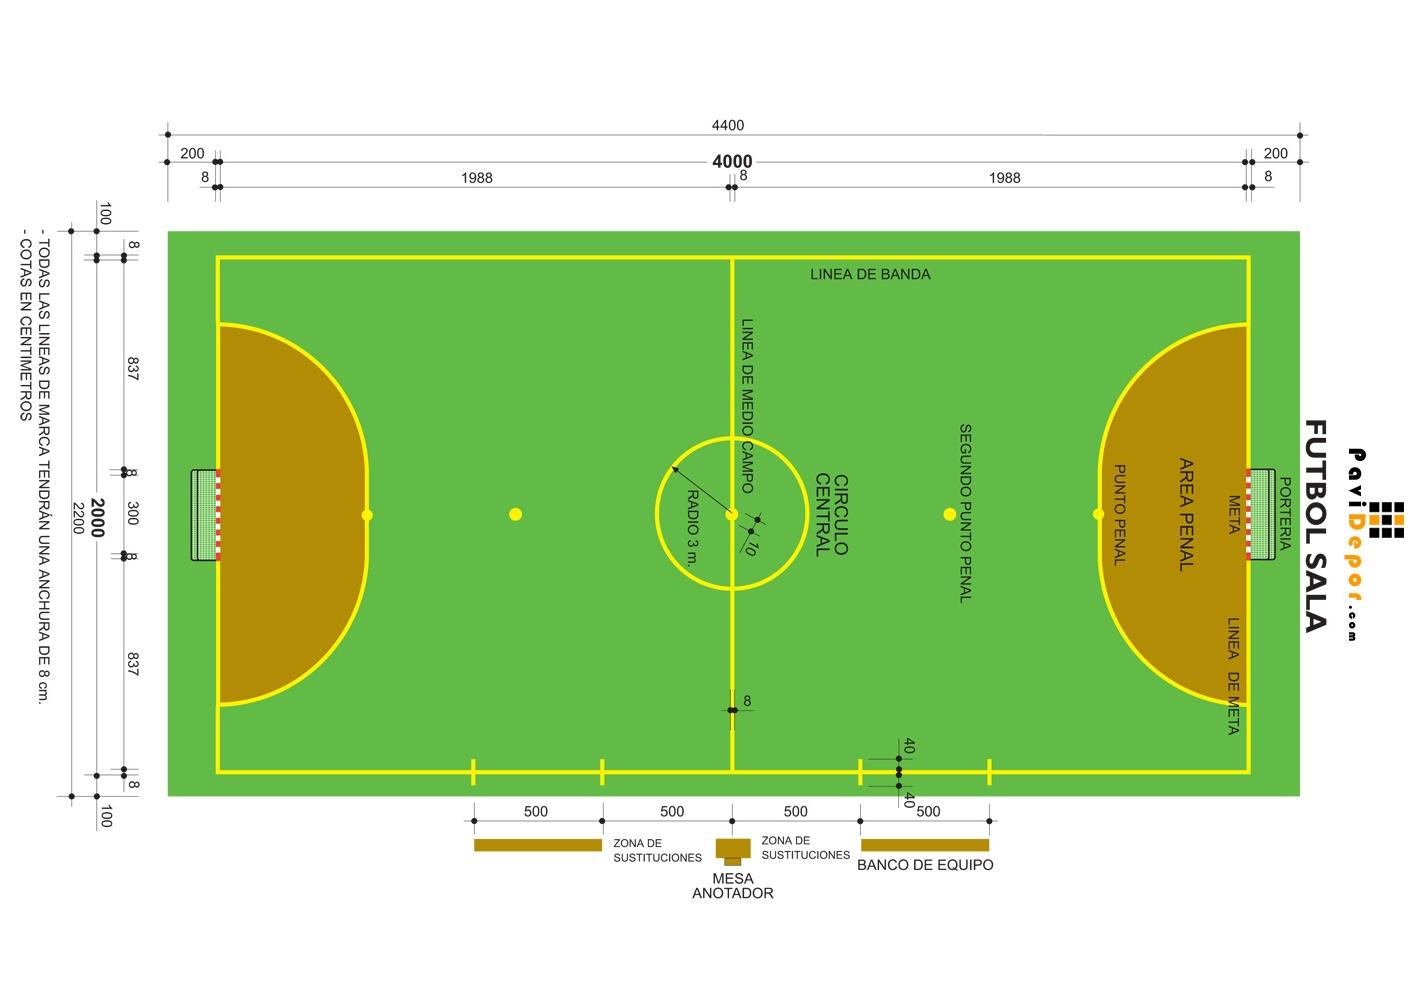 Imagenes De La Cancha De Futbol Sala - Fútbol facilisimo Dimensiones campo de fútbol sala